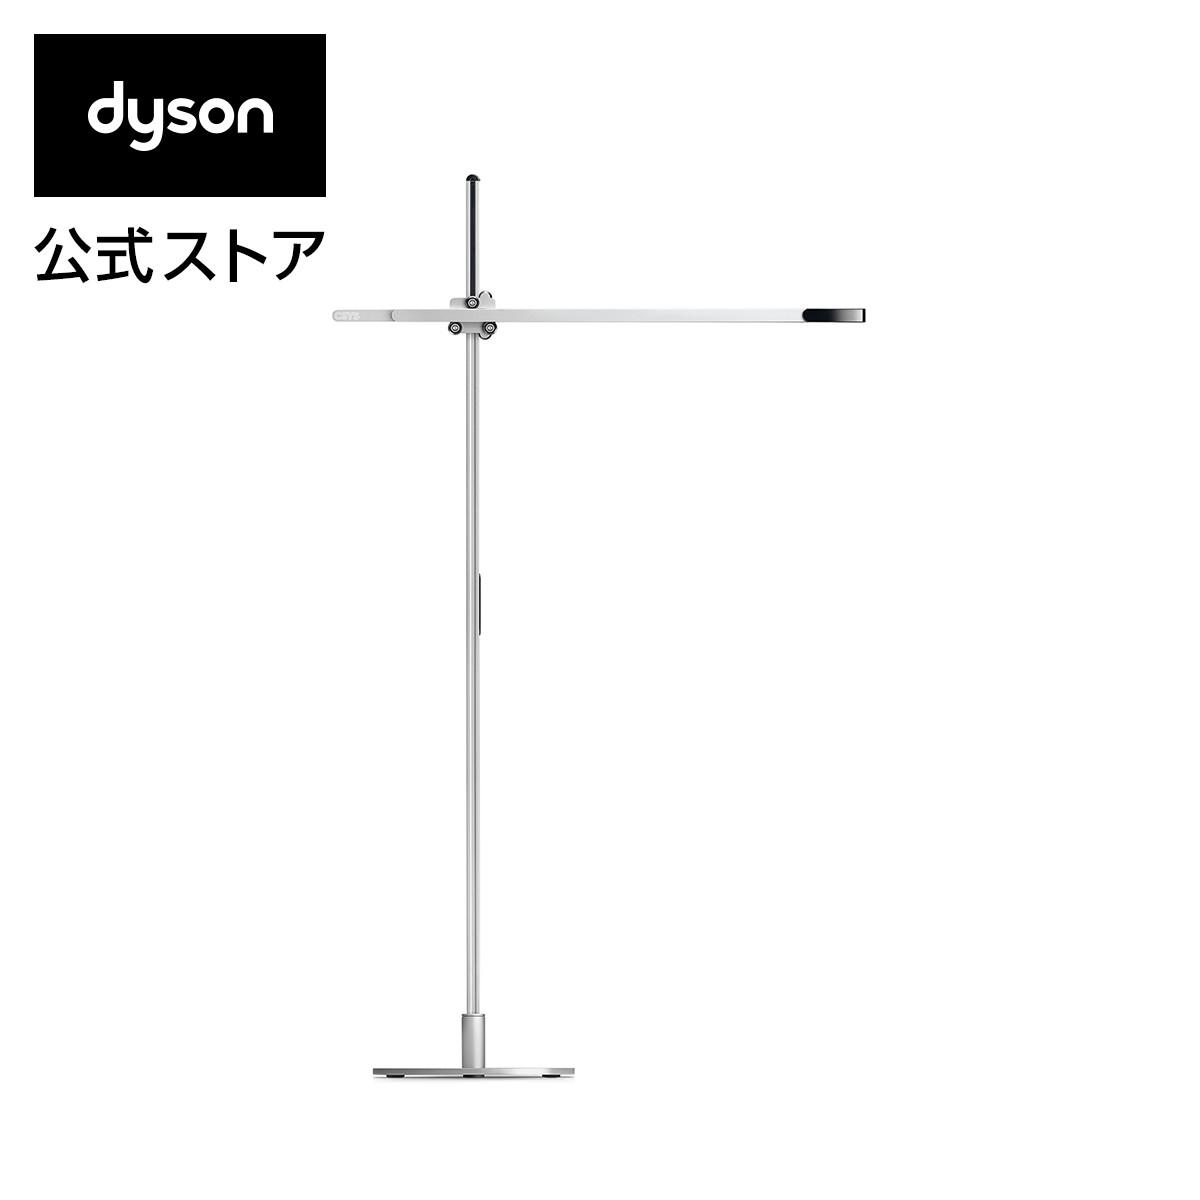 ダイソン Dyson CSYS Floor LED照明器具 床置型 ライト CSYS FLOOR BKSV ブラック/シルバー 【訳あり品・新品未使用/メーカー2年保証】